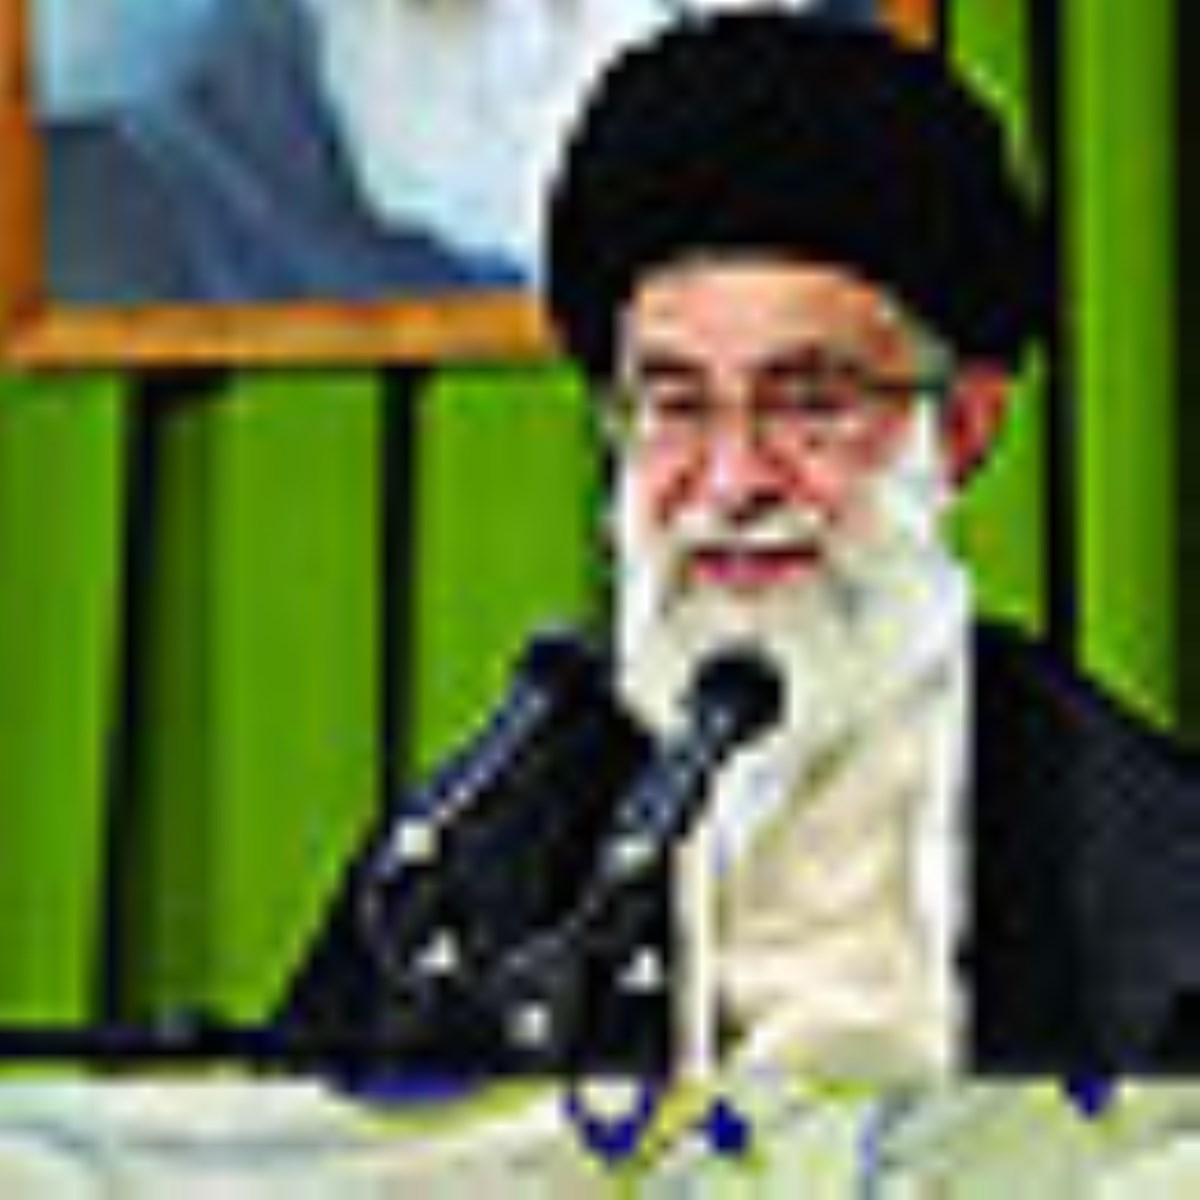 حکمت مانايى سيره پيامبر اعظم(ص)از ديدگاه رهبر معظم انقلاب اسلامي